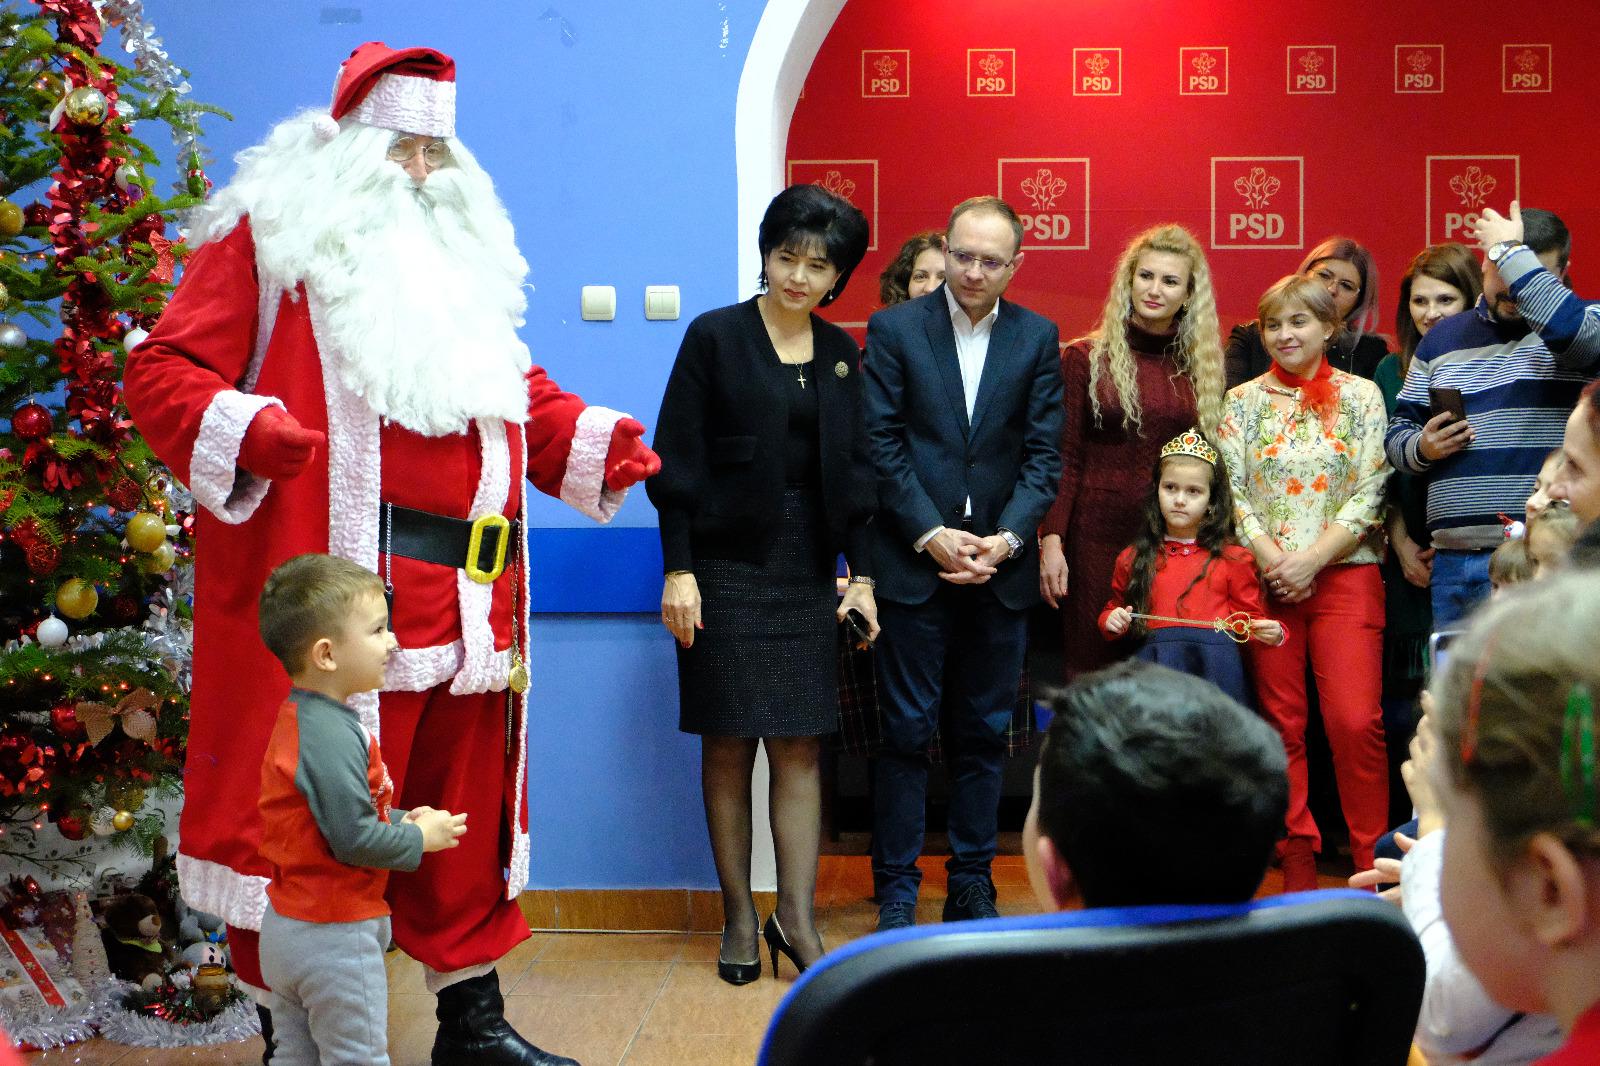 Moș Crăciun a oferit cadouri la sediul PSD Botoșani 17